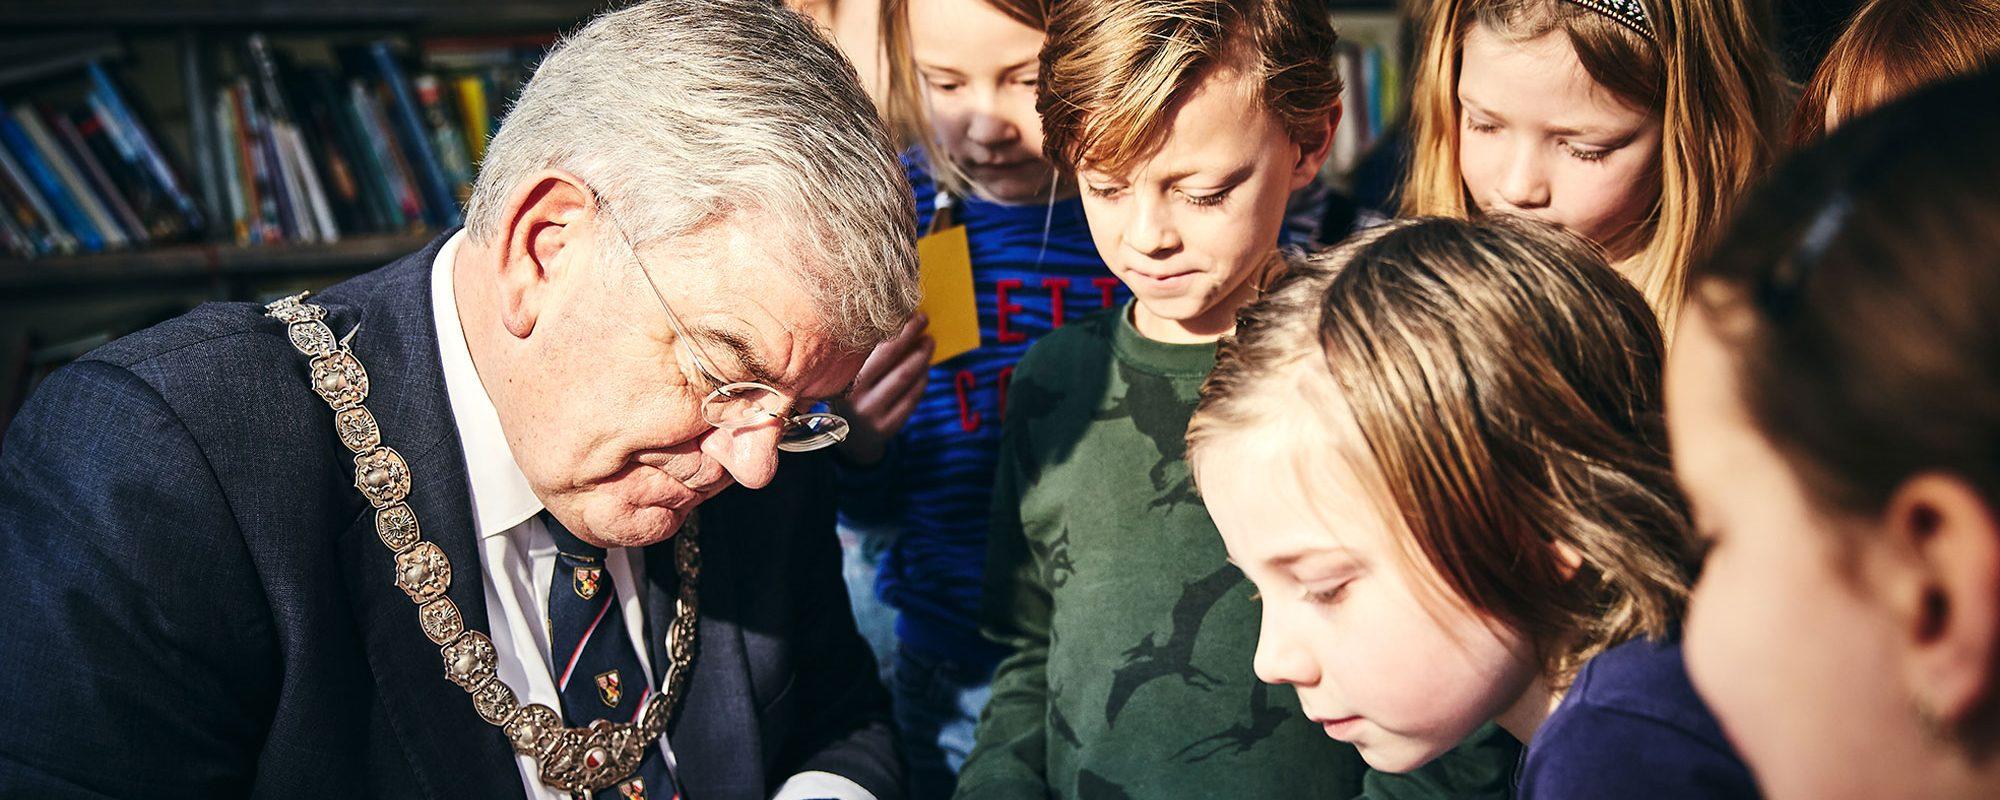 Burgemeester-Jan-van-Zanen-op-OBS-De-Koekoek---©Milan-Hofmans,-24.01